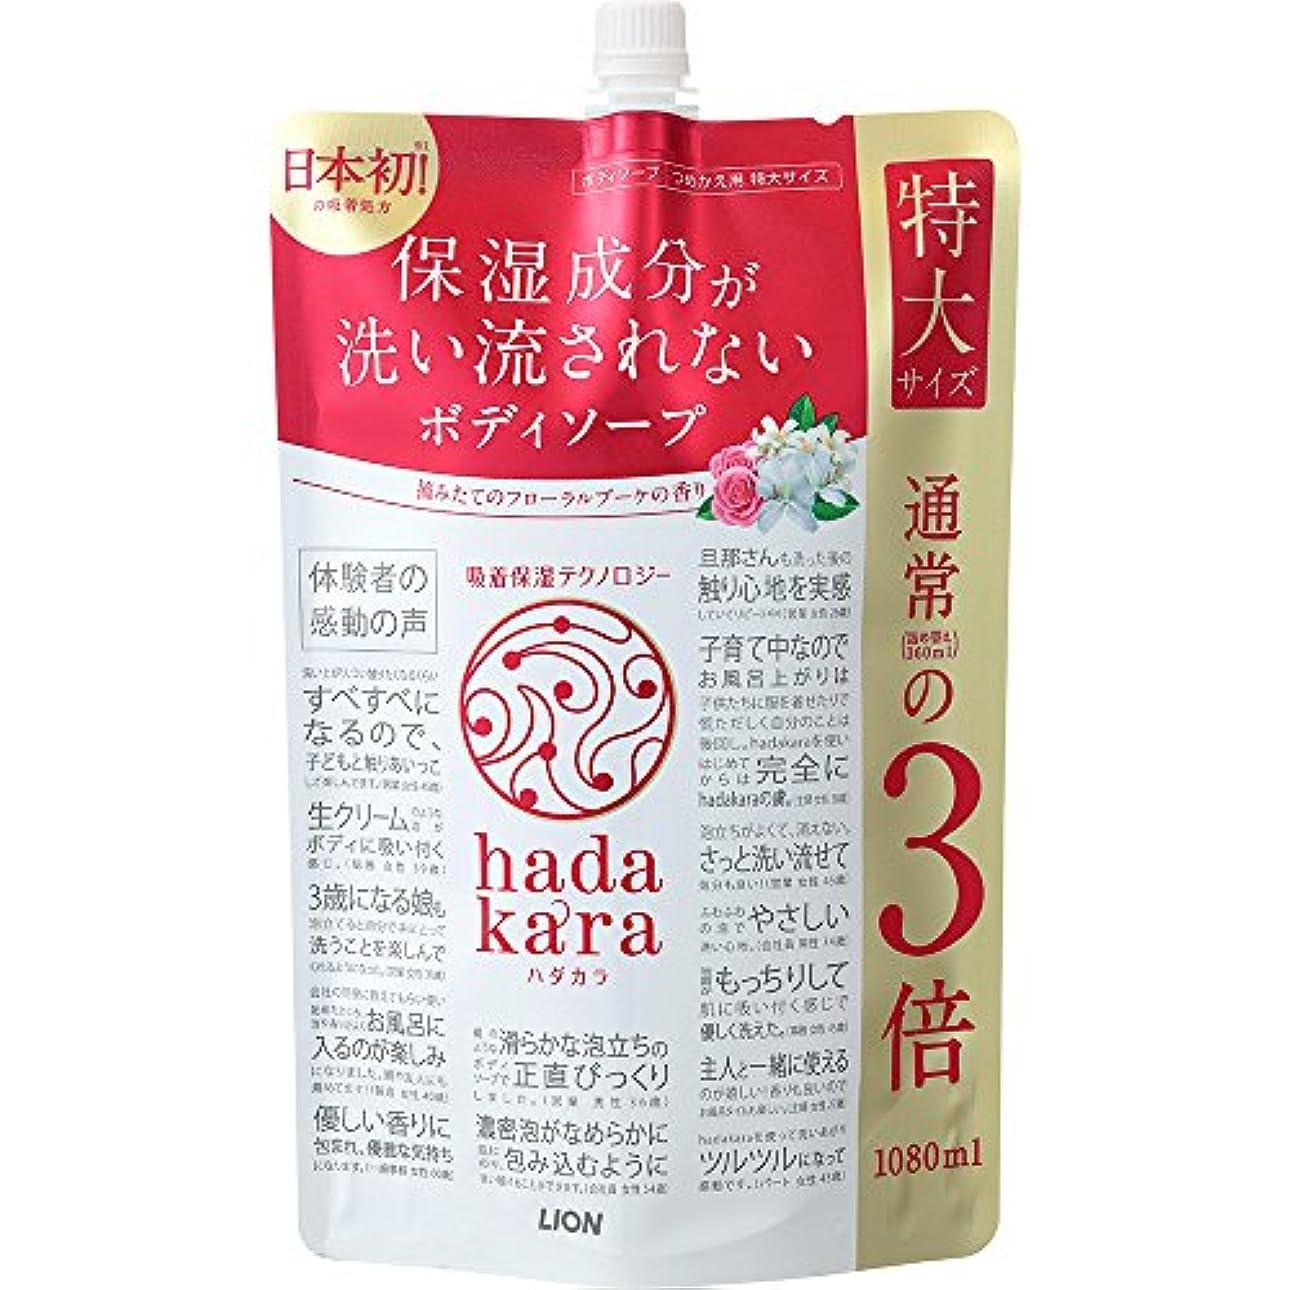 注入するたるみ病んでいる【大容量】hadakara(ハダカラ) ボディソープ フローラルブーケの香り 詰め替え 特大 1080ml